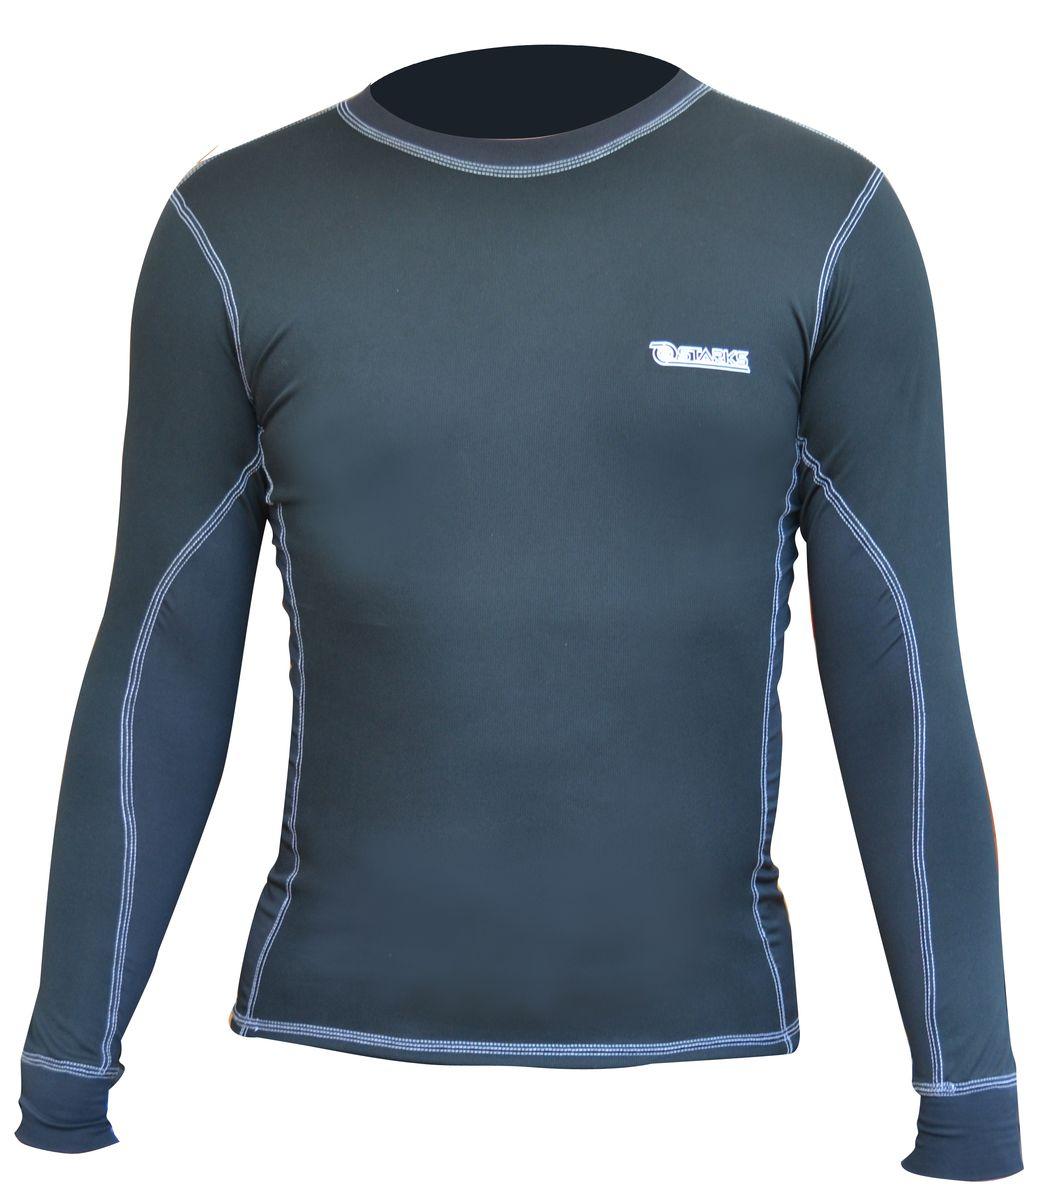 Термобелье кофта Starks Coolmax, летняя, охлаждающая, цвет: серо-синий. ЛЦ0011. Размер SMP0003/2Анатомическое комбинированное термобелье Starks, выполнено из сертифицированной ткани CoolMax.Термокофта повторяет анатомию человеческого тела. Обеспечивает хорошую терморегуляцию тела, отводит влагу, оставляя тело сухим. Вставки из ткани CoolMax Extreme для мест, подверженных наибольшей потливости (подмышки, локтевой сгиб руки). Технология плоских швов. Белье предназначено для активных физических нагрузок.Особенности:-Сохраняет ваше тело сухим.-Эластичные, мягкие плоские швы. -Отличные влагоотводящие свойства.-Гипоаллергенно.